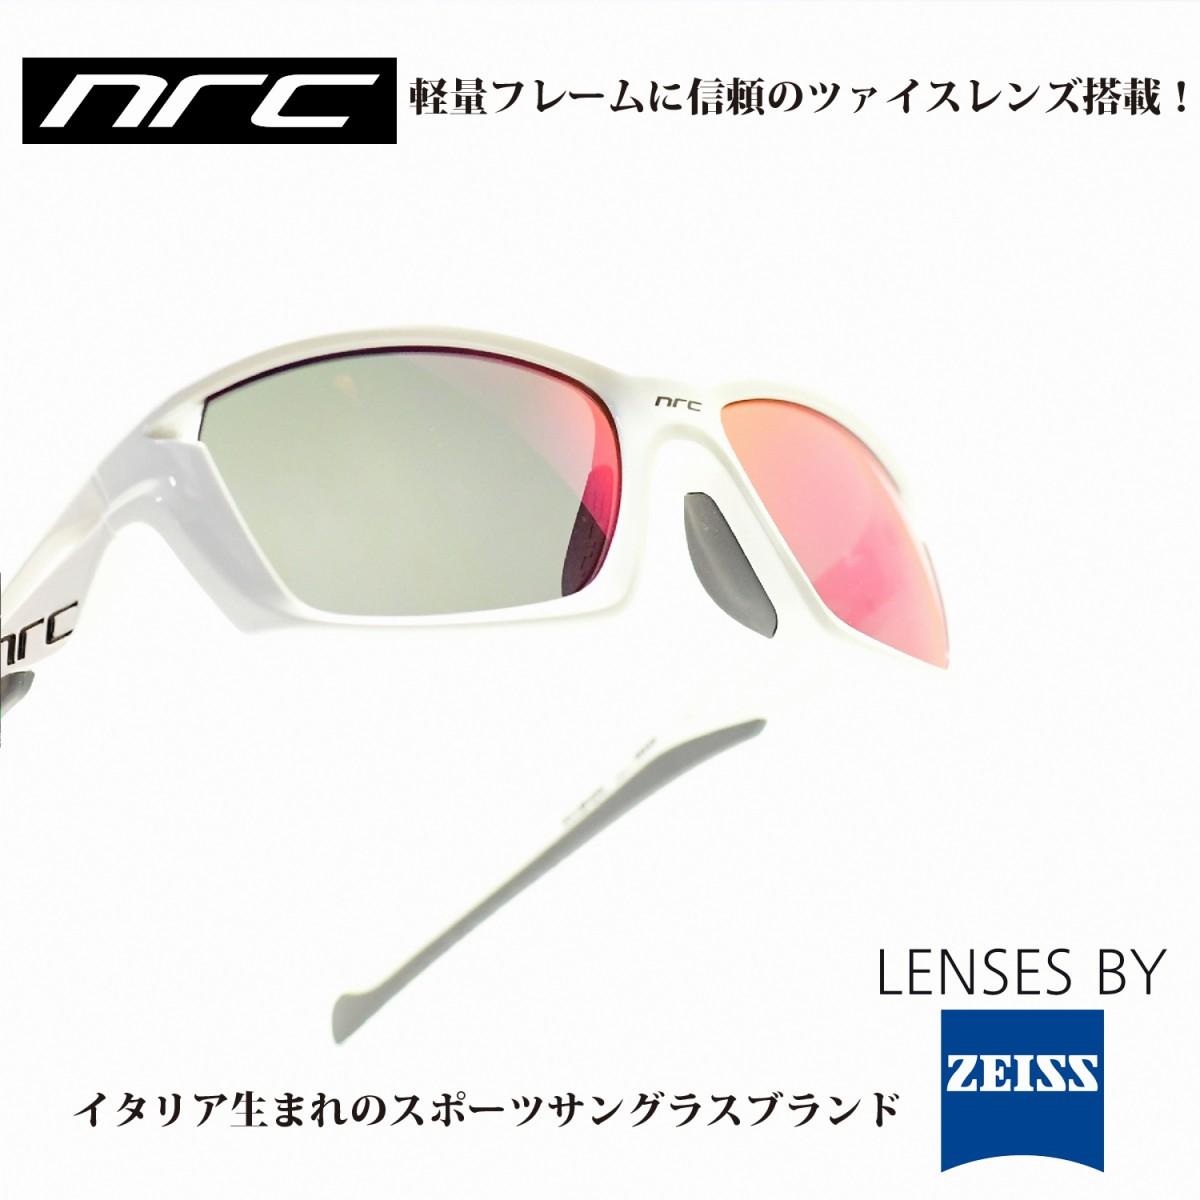 nrc エヌアールシーRX1 SNOWメガネ 眼鏡 めがね メンズ レディース おしゃれ ブランド人気 おすすめ フレーム 流行り 度付き レンズ サングラス スポーツ